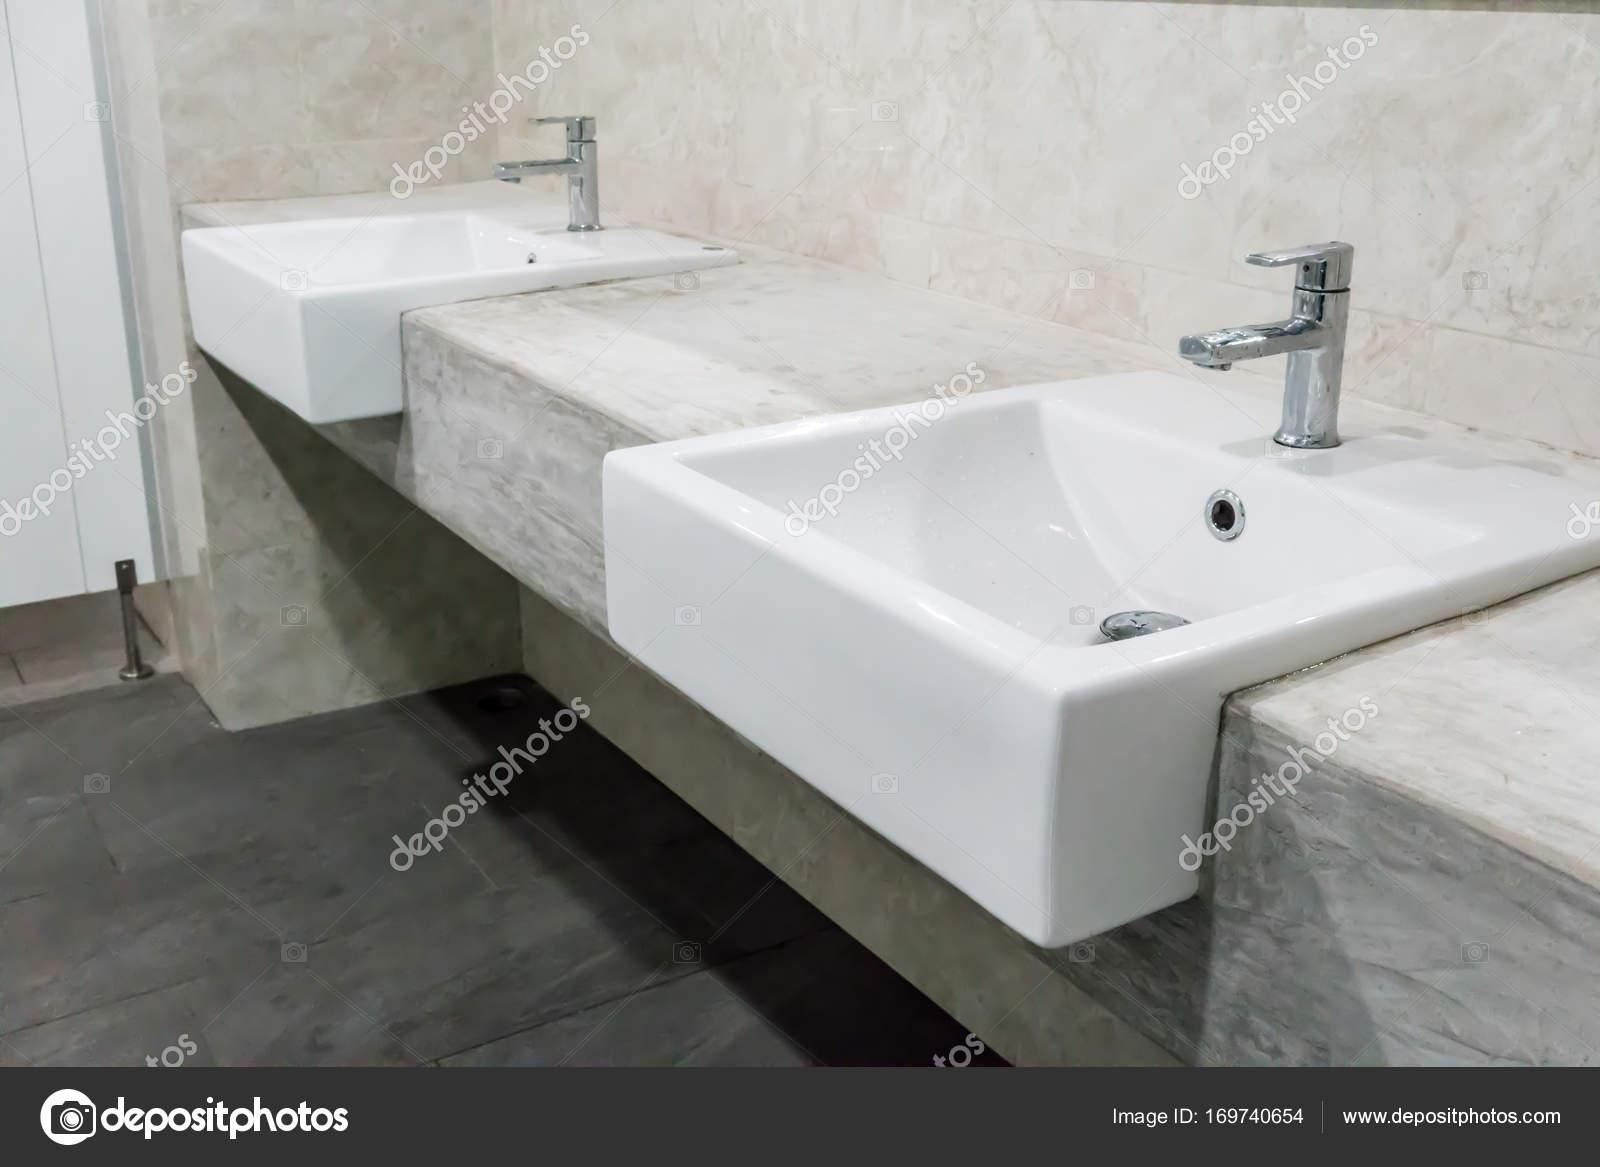 Minimal Stil Badezimmer Mit Zwei Waschbecken Und Granitplatte